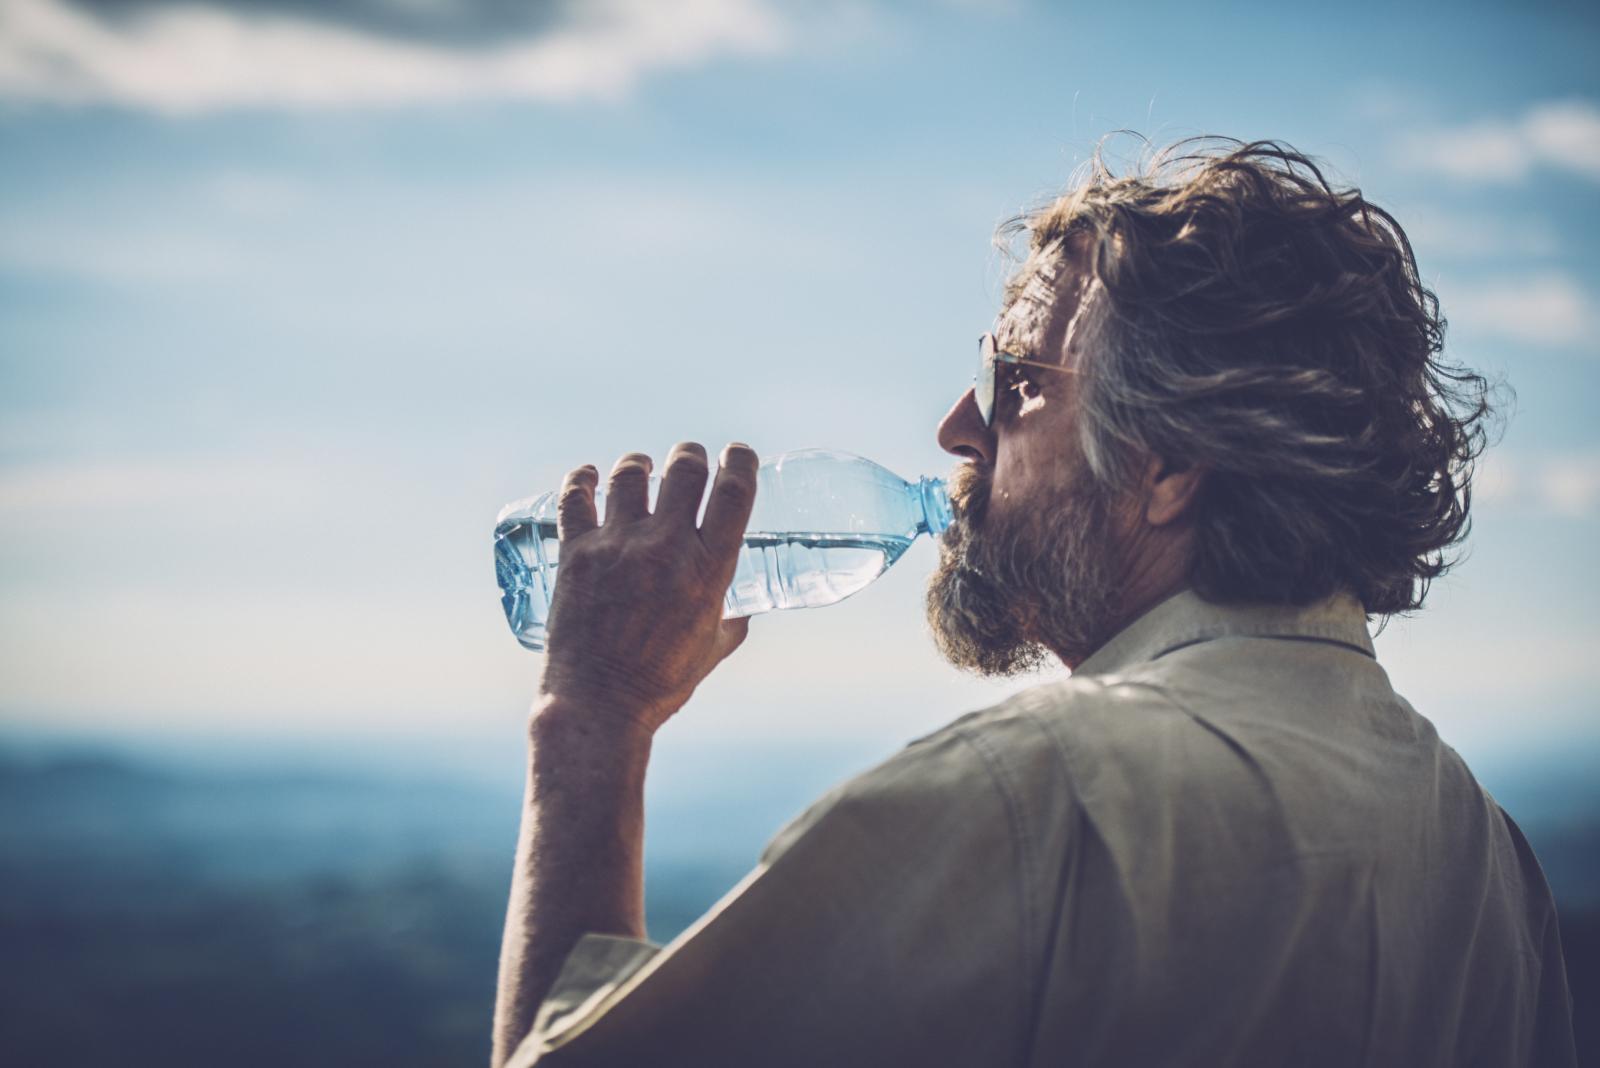 Grčevi u mišićima ili povišena tjelesna temperatura također su znakovi koje vam tijelo šalje ako ne pijete dovoljno vode.